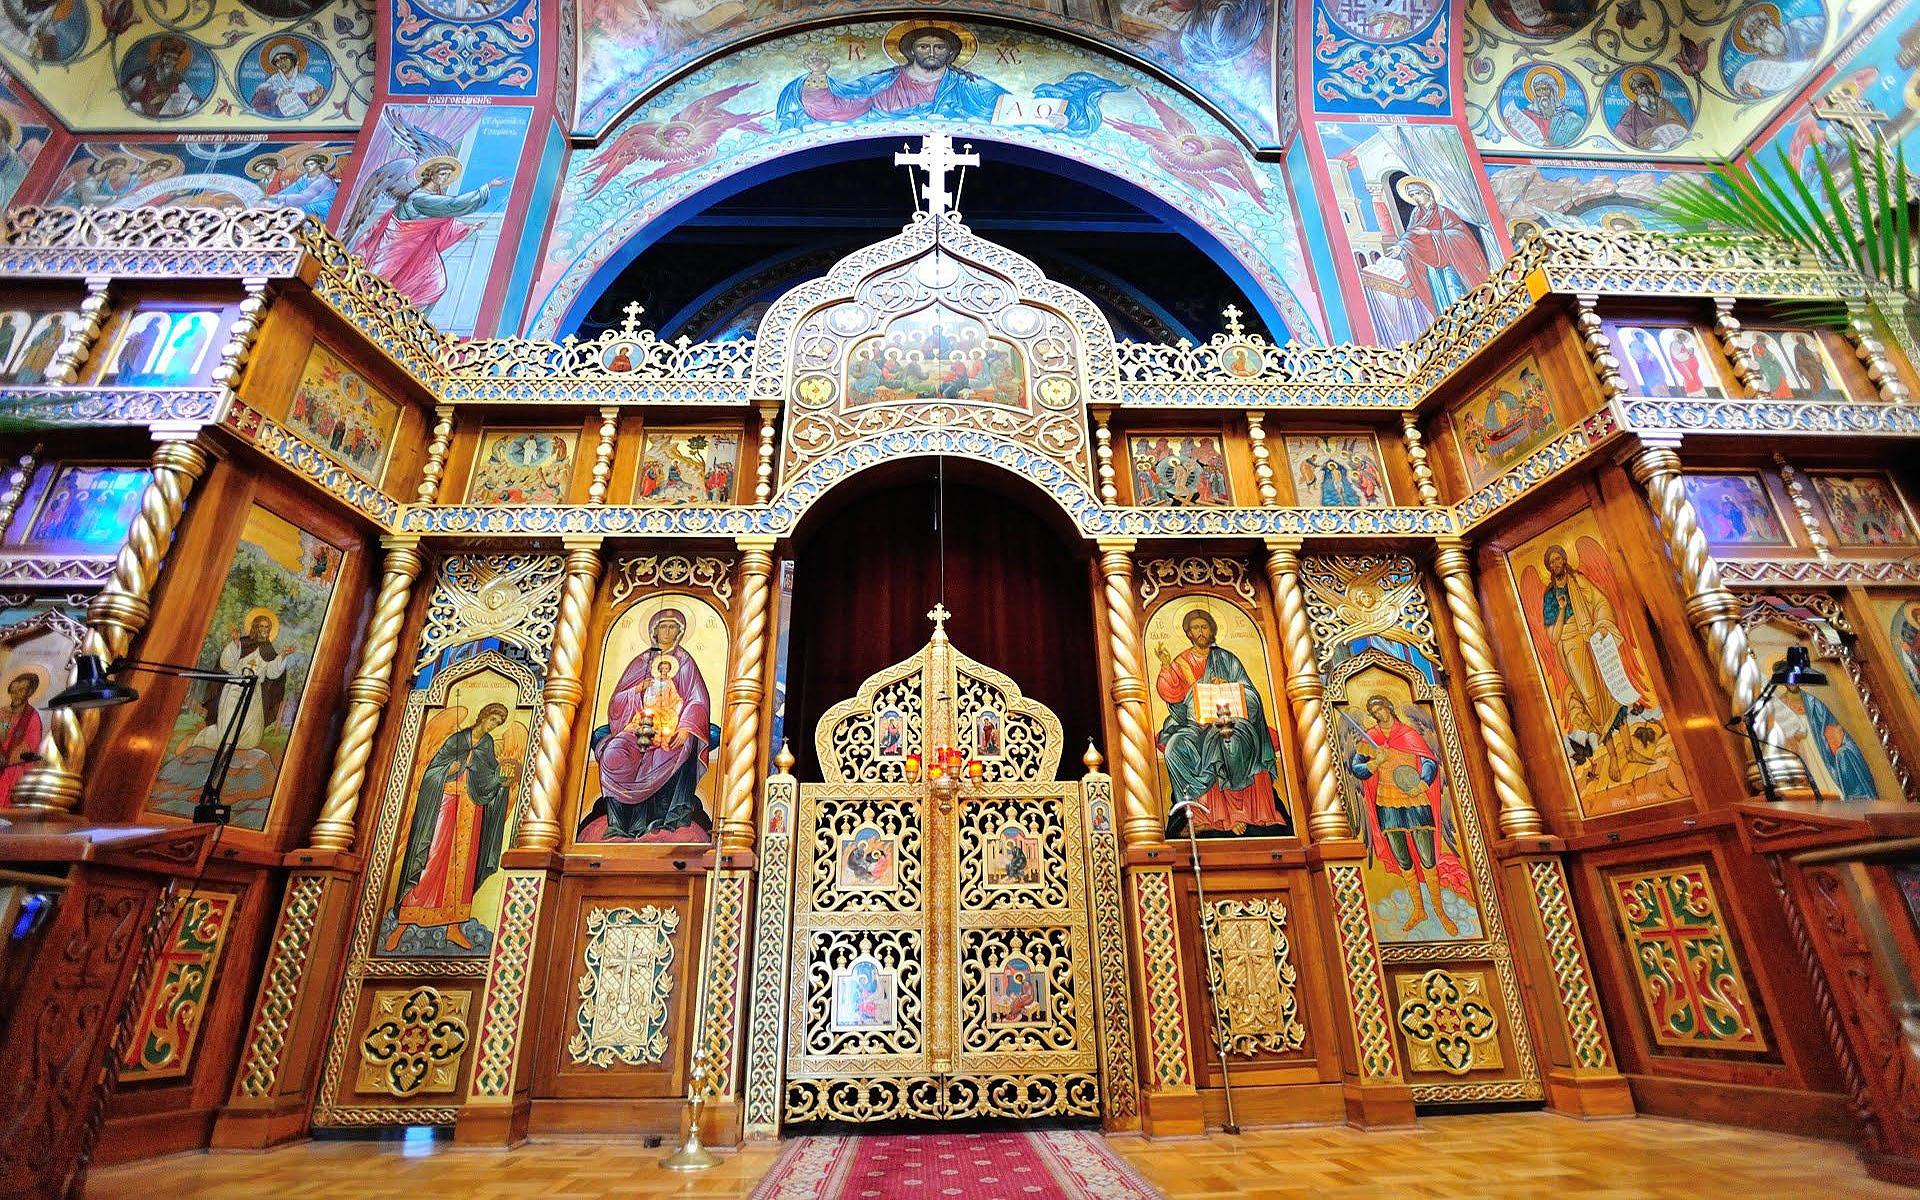 HDoboi.Kiev.ua - Собор Пресвятой Богородицы, 8 января, скачать картинку для фона рабочего стола